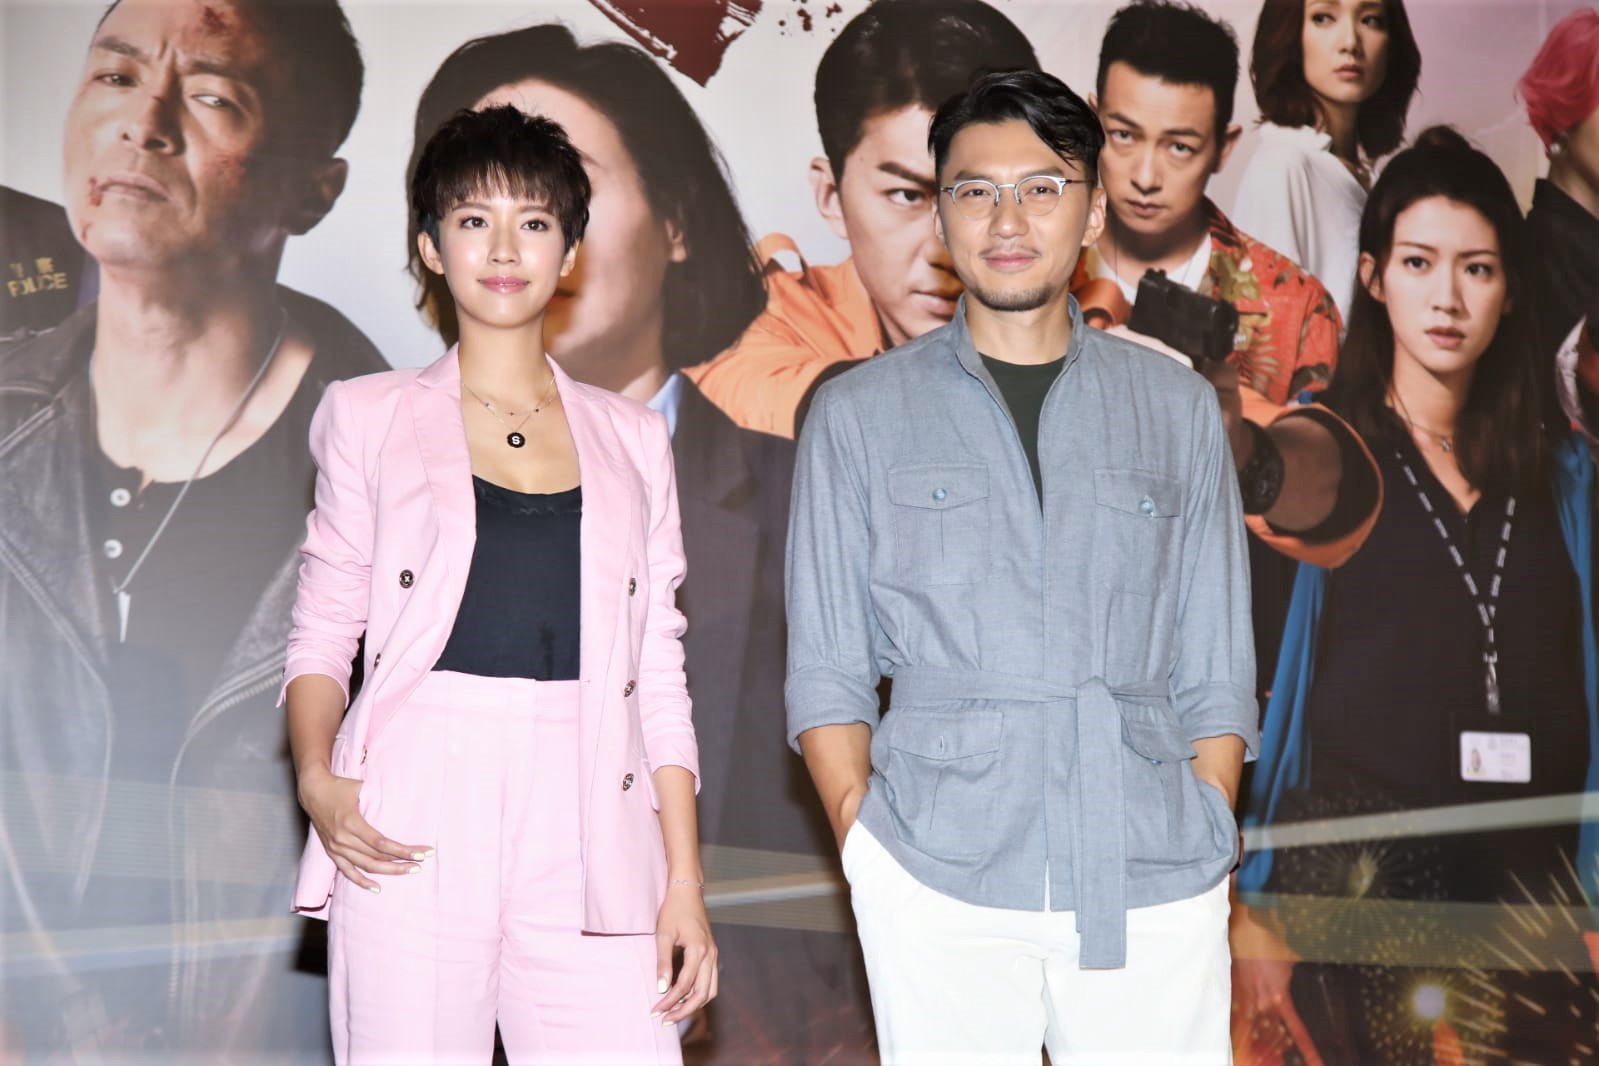 蔡思貝與袁偉豪出席《鐵探》慶功宴。